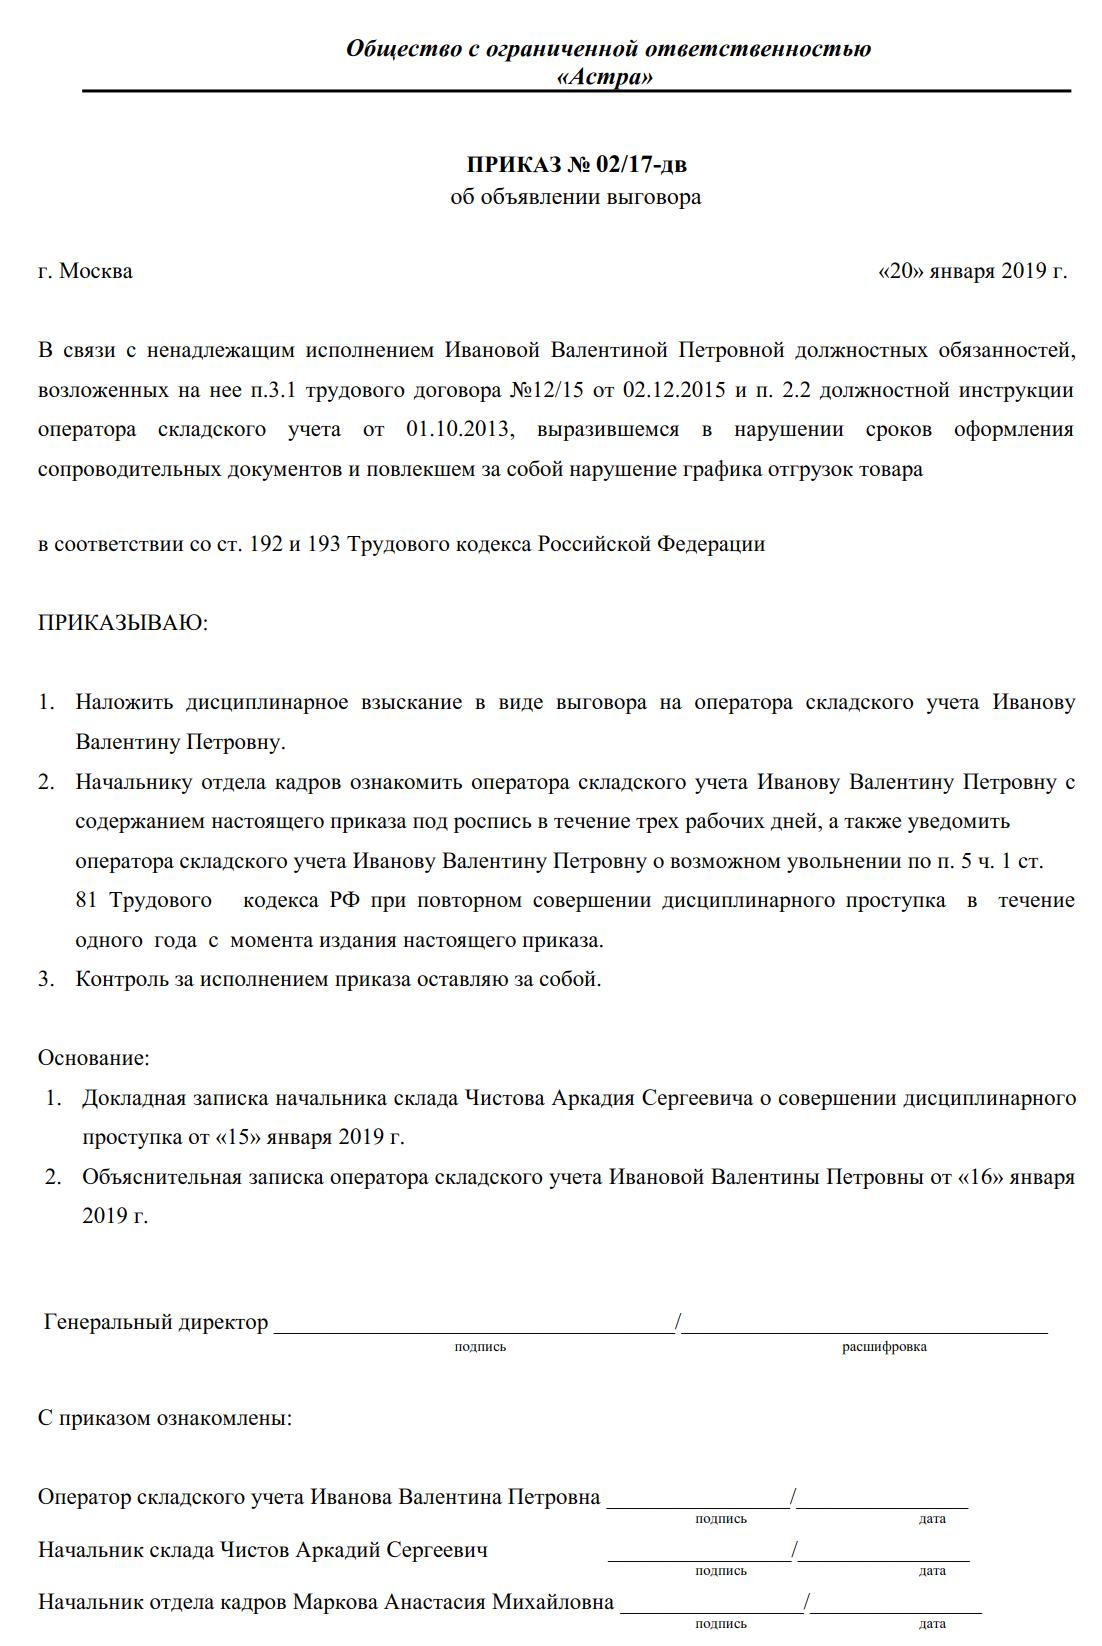 Образец приказа за нарушение должностных обязанностей